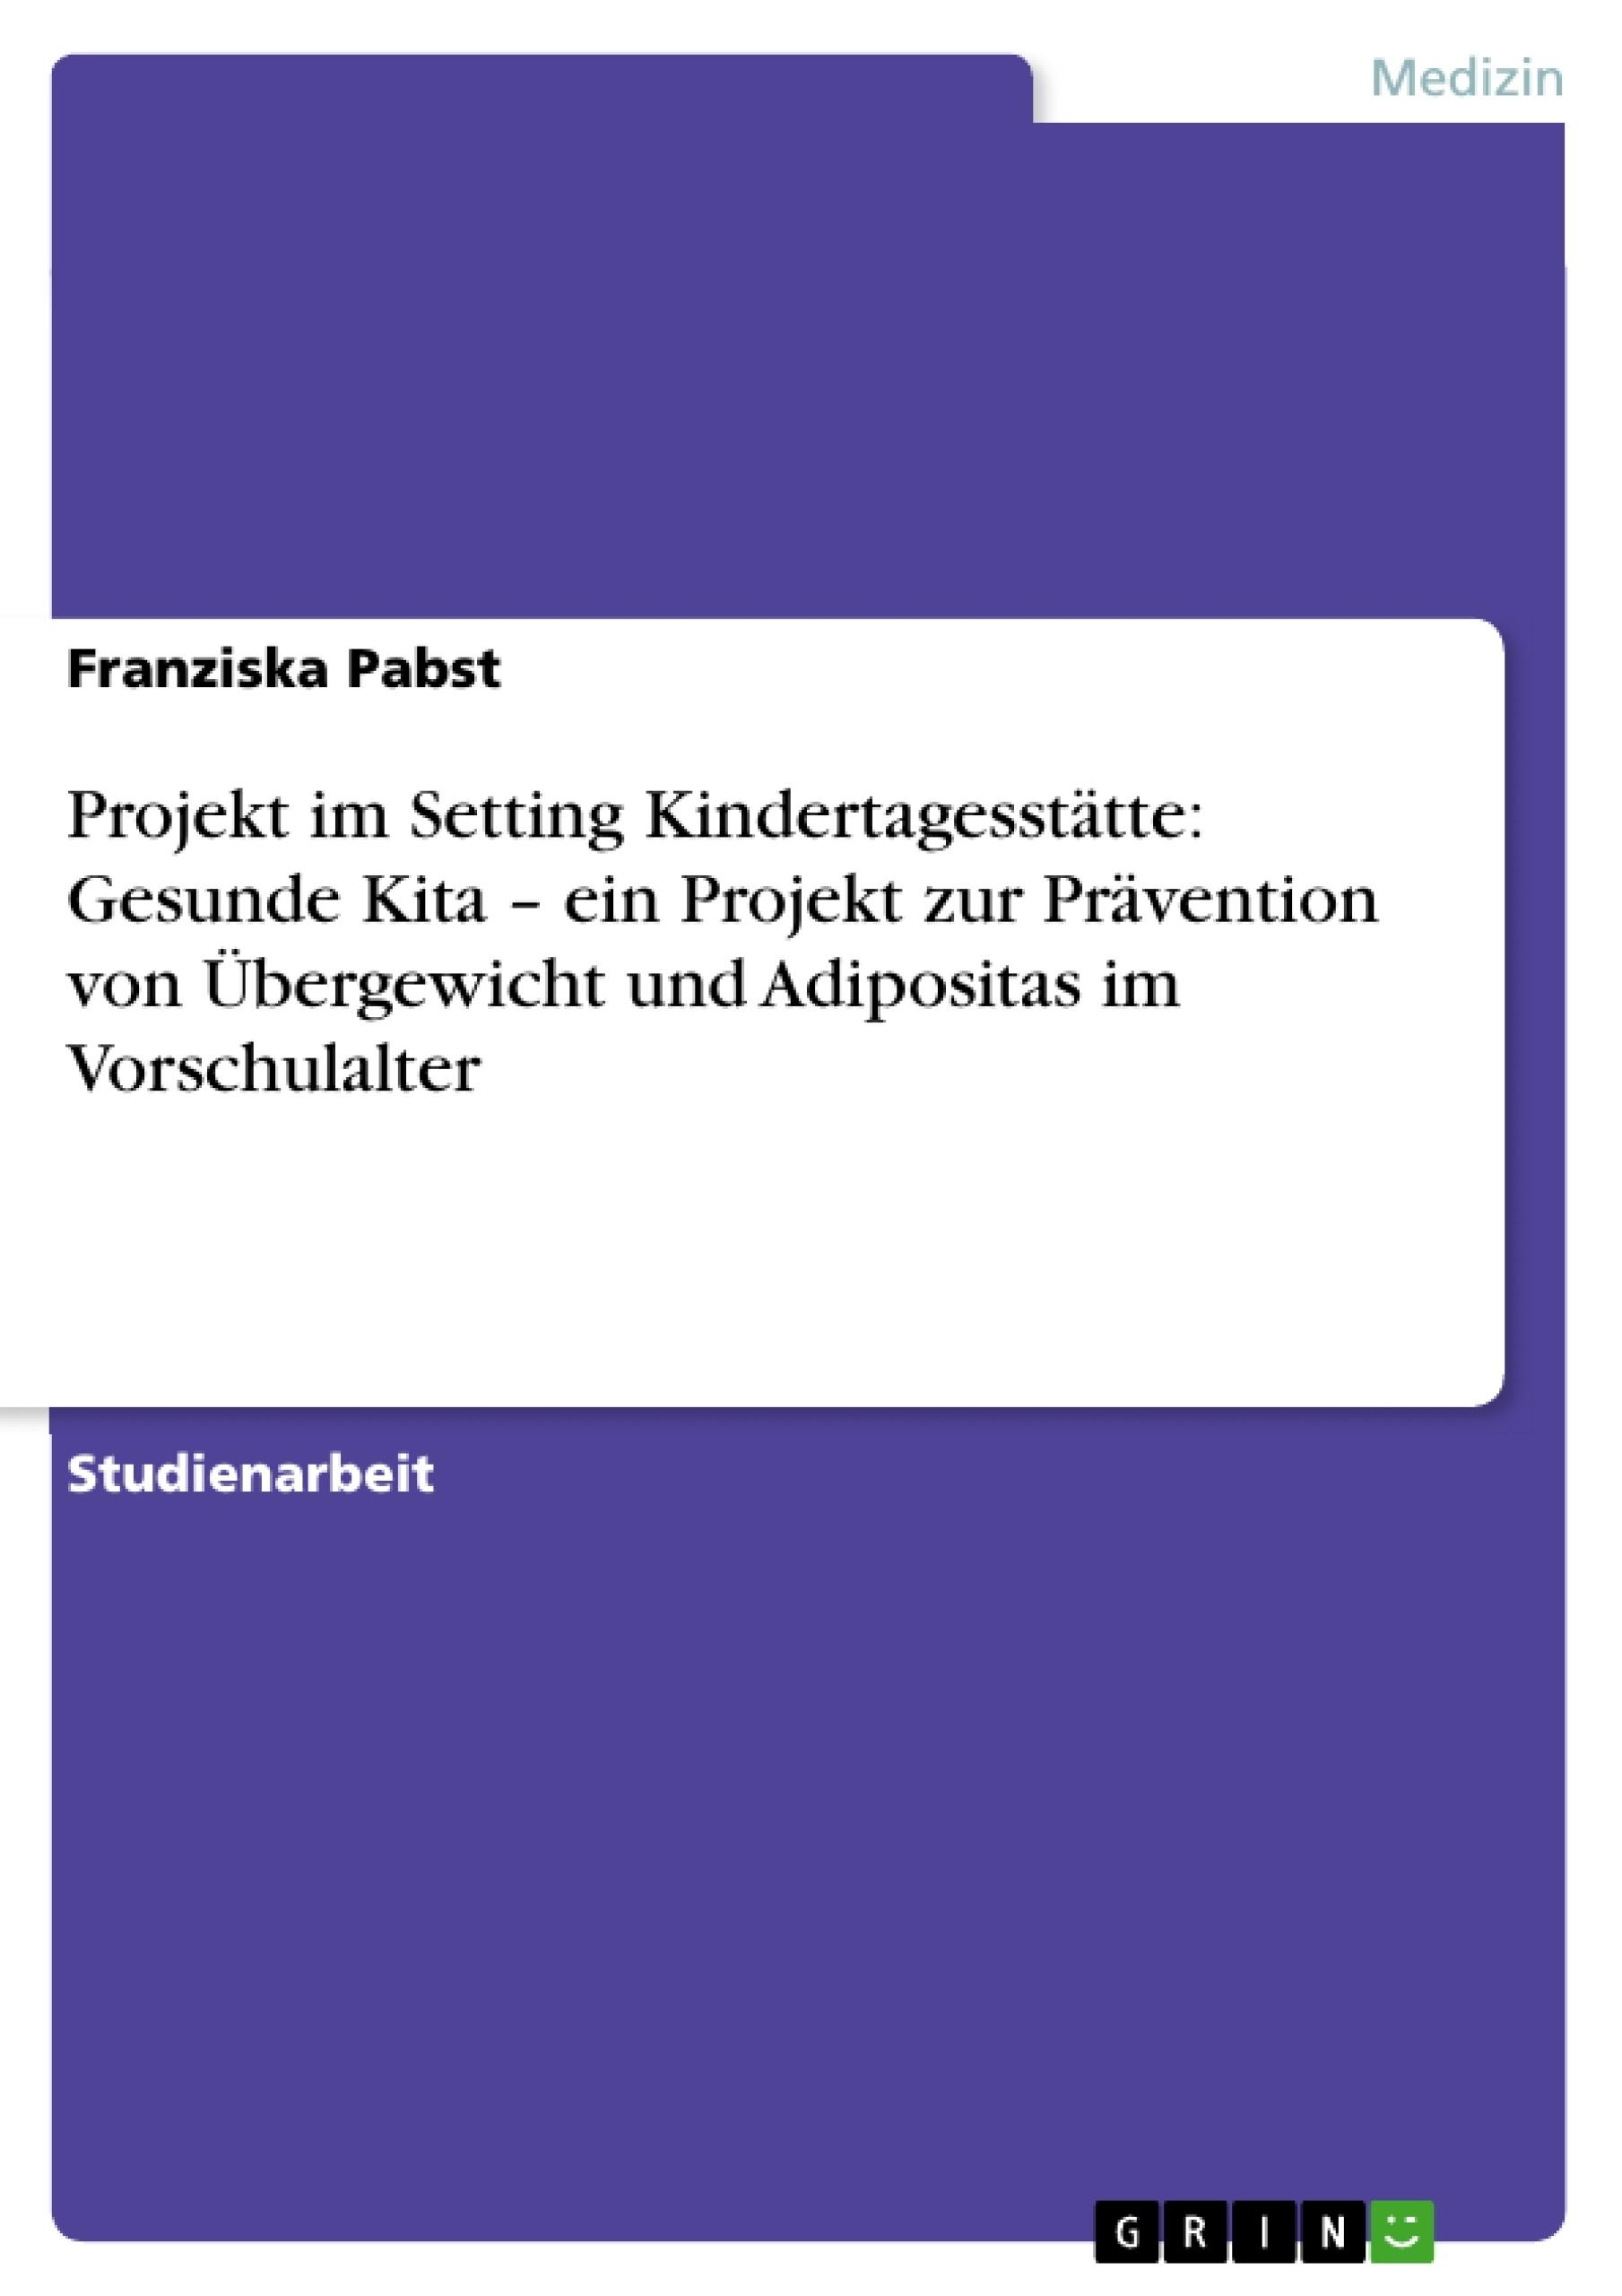 Titel: Projekt im Setting Kindertagesstätte: Gesunde Kita – ein Projekt zur Prävention von Übergewicht und Adipositas im Vorschulalter